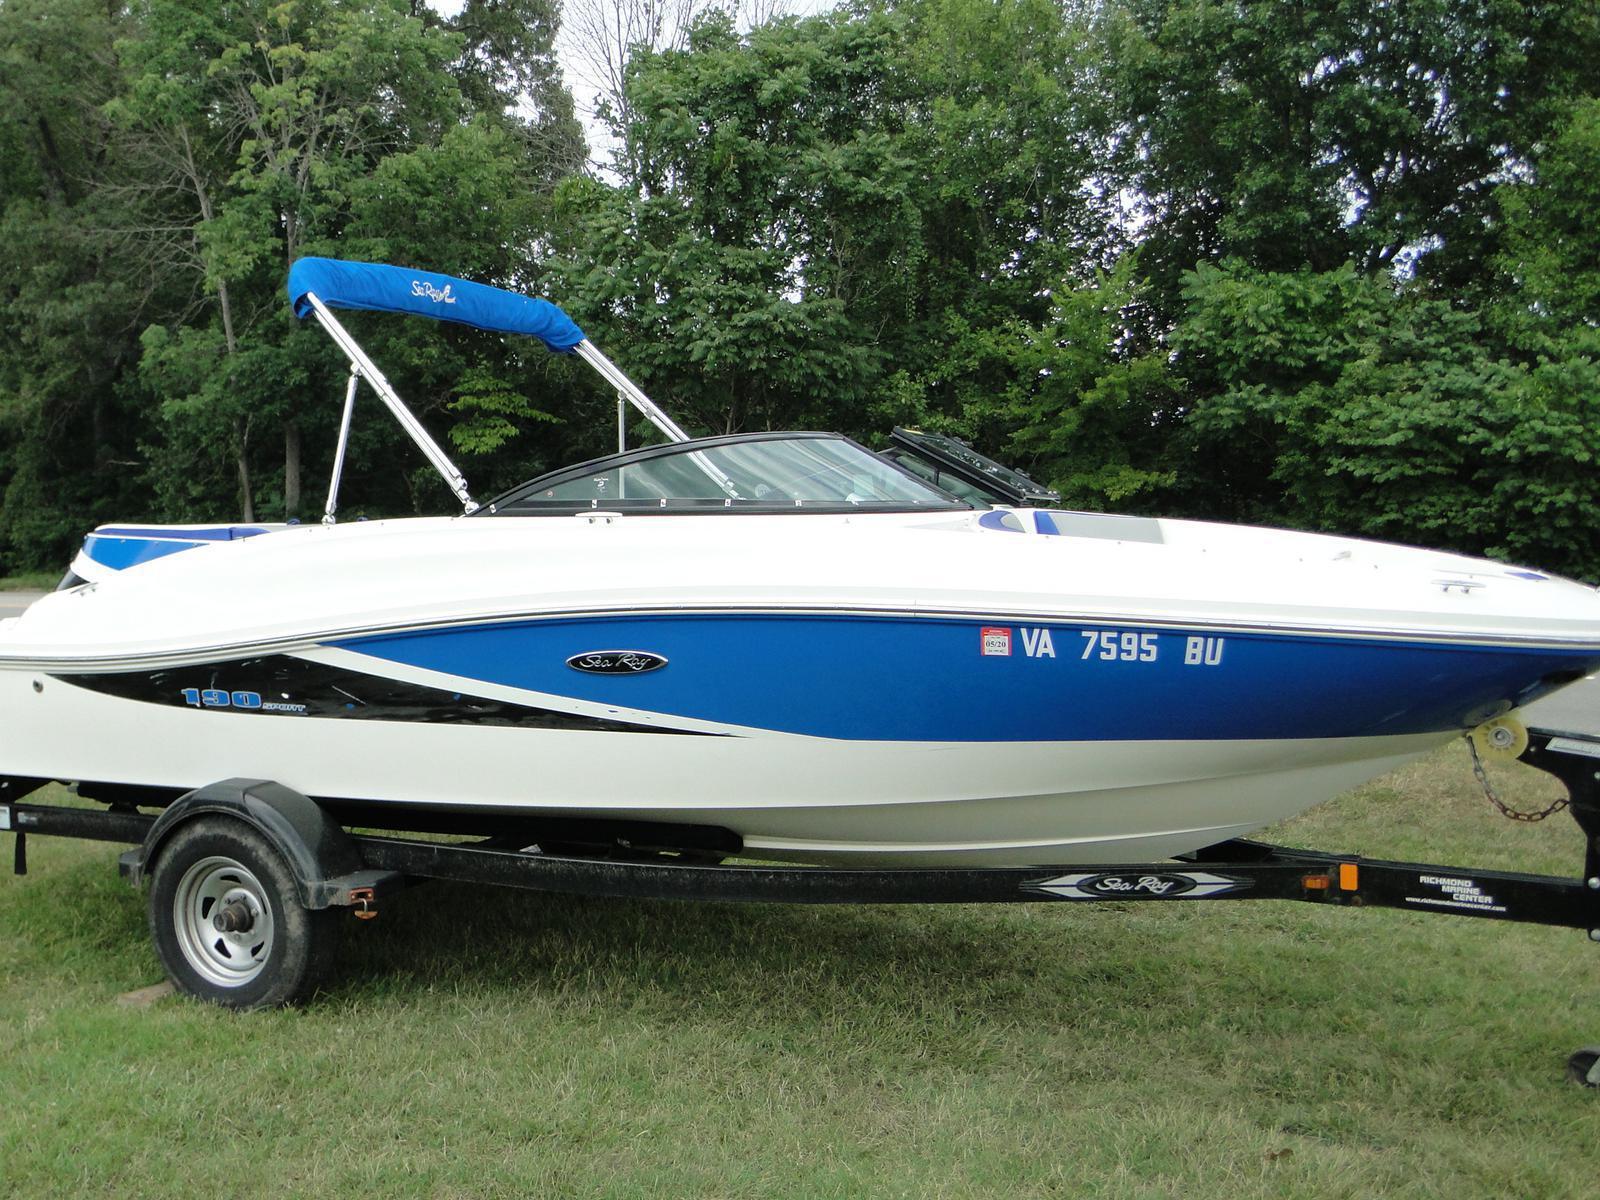 120 Hp Jet Boat